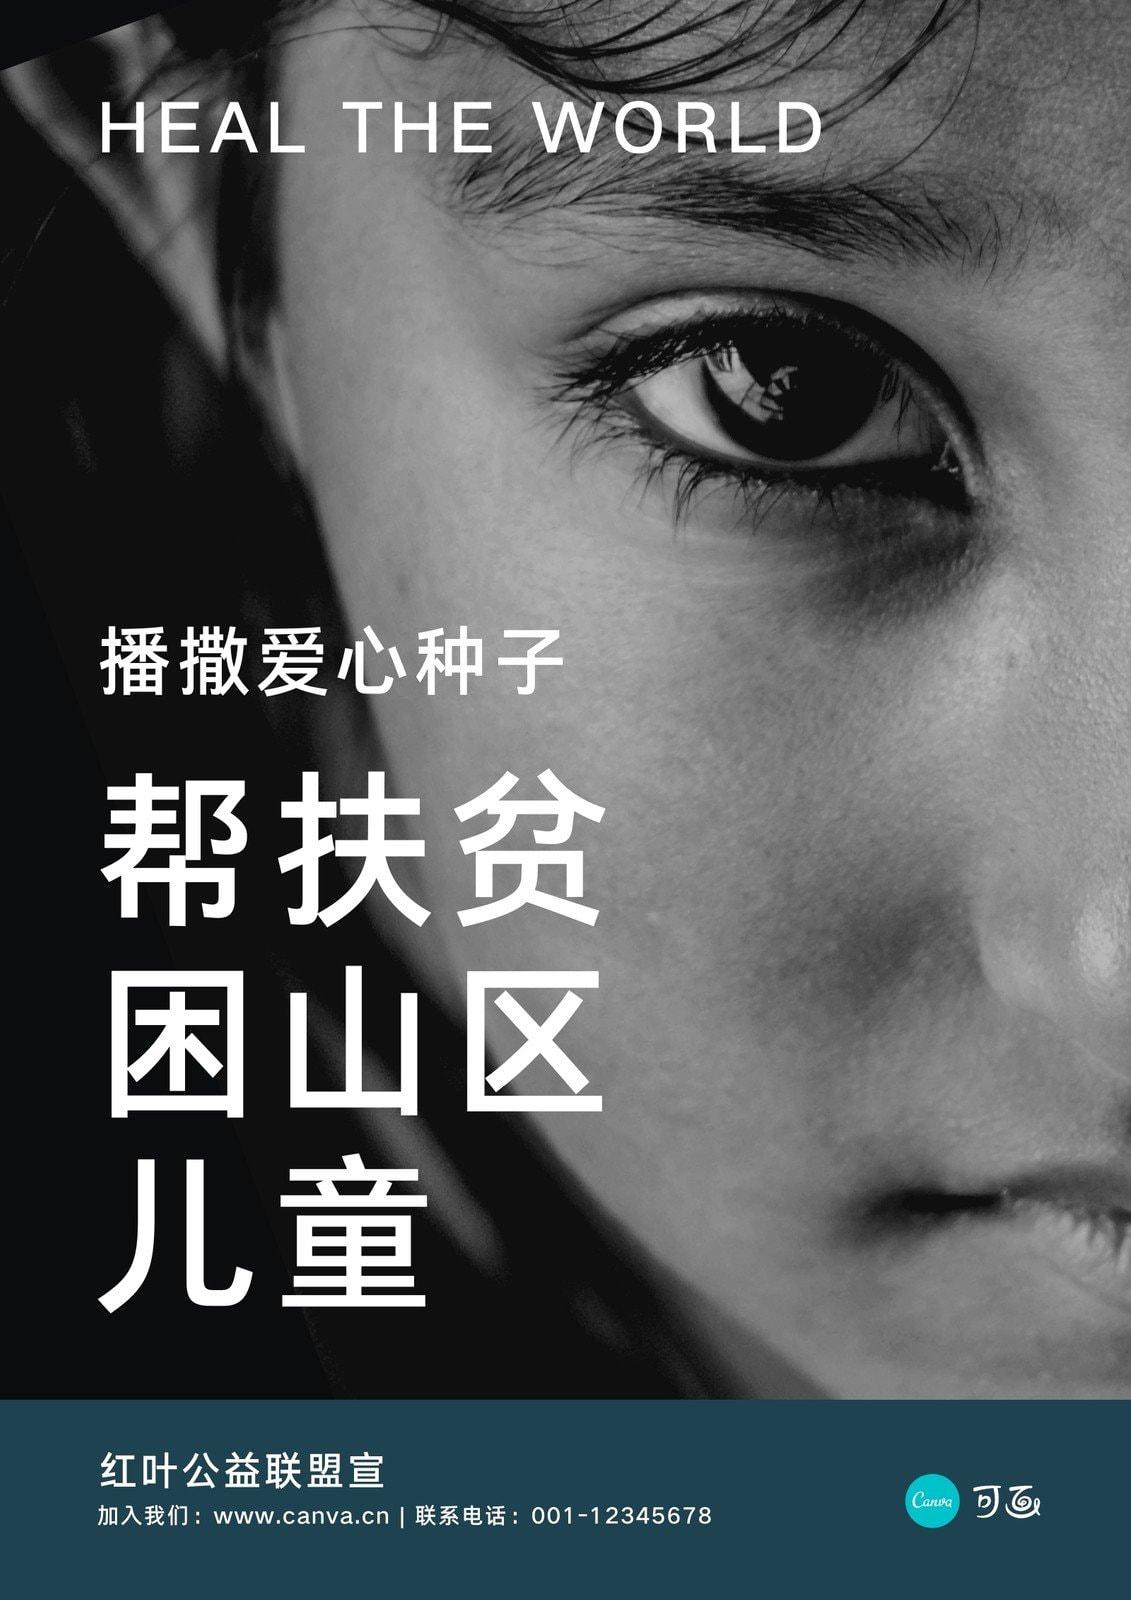 绿黑色儿童眼睛人物宣传公益中文海报